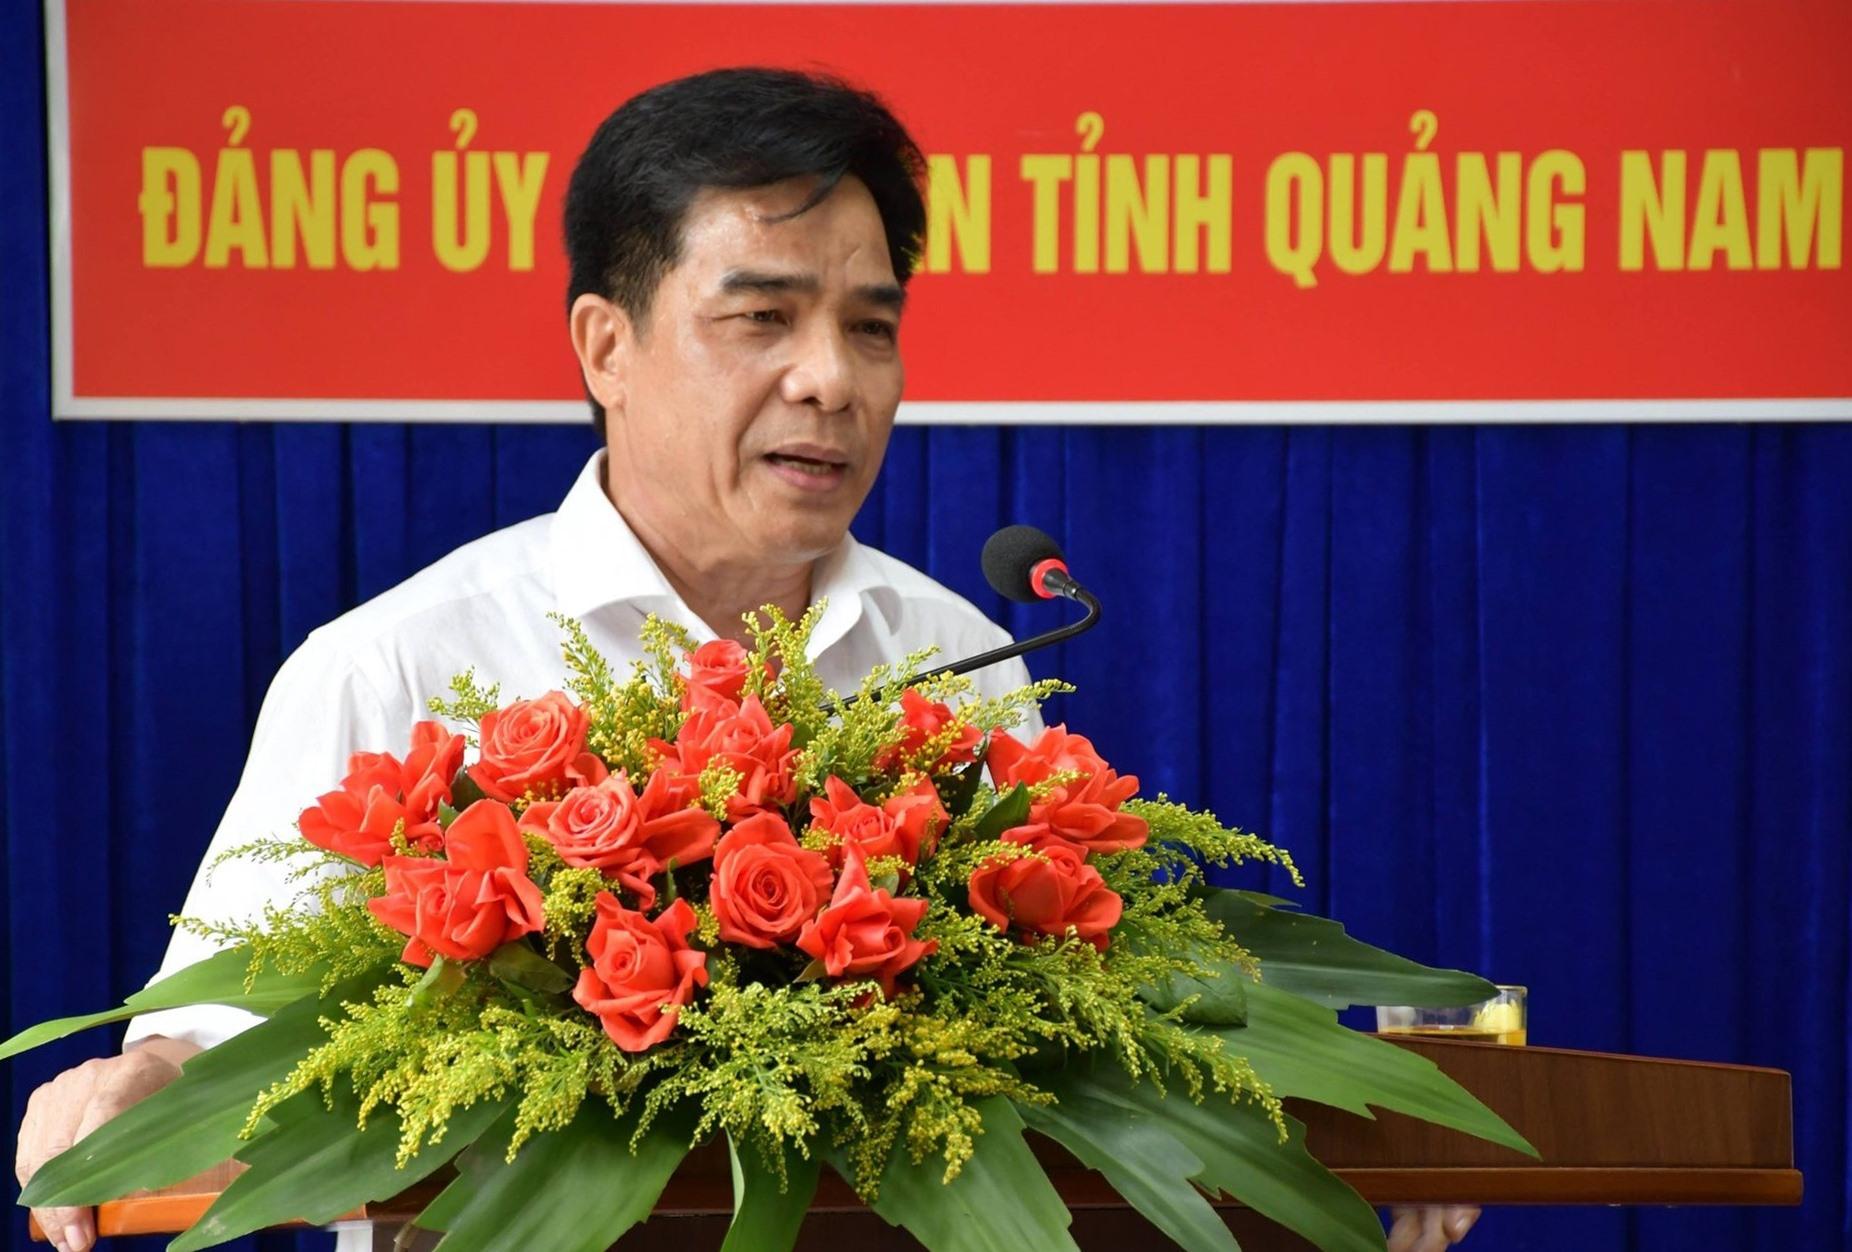 Phó Bí thư Thường trực Tỉnh ủy Lê Văn Dũng